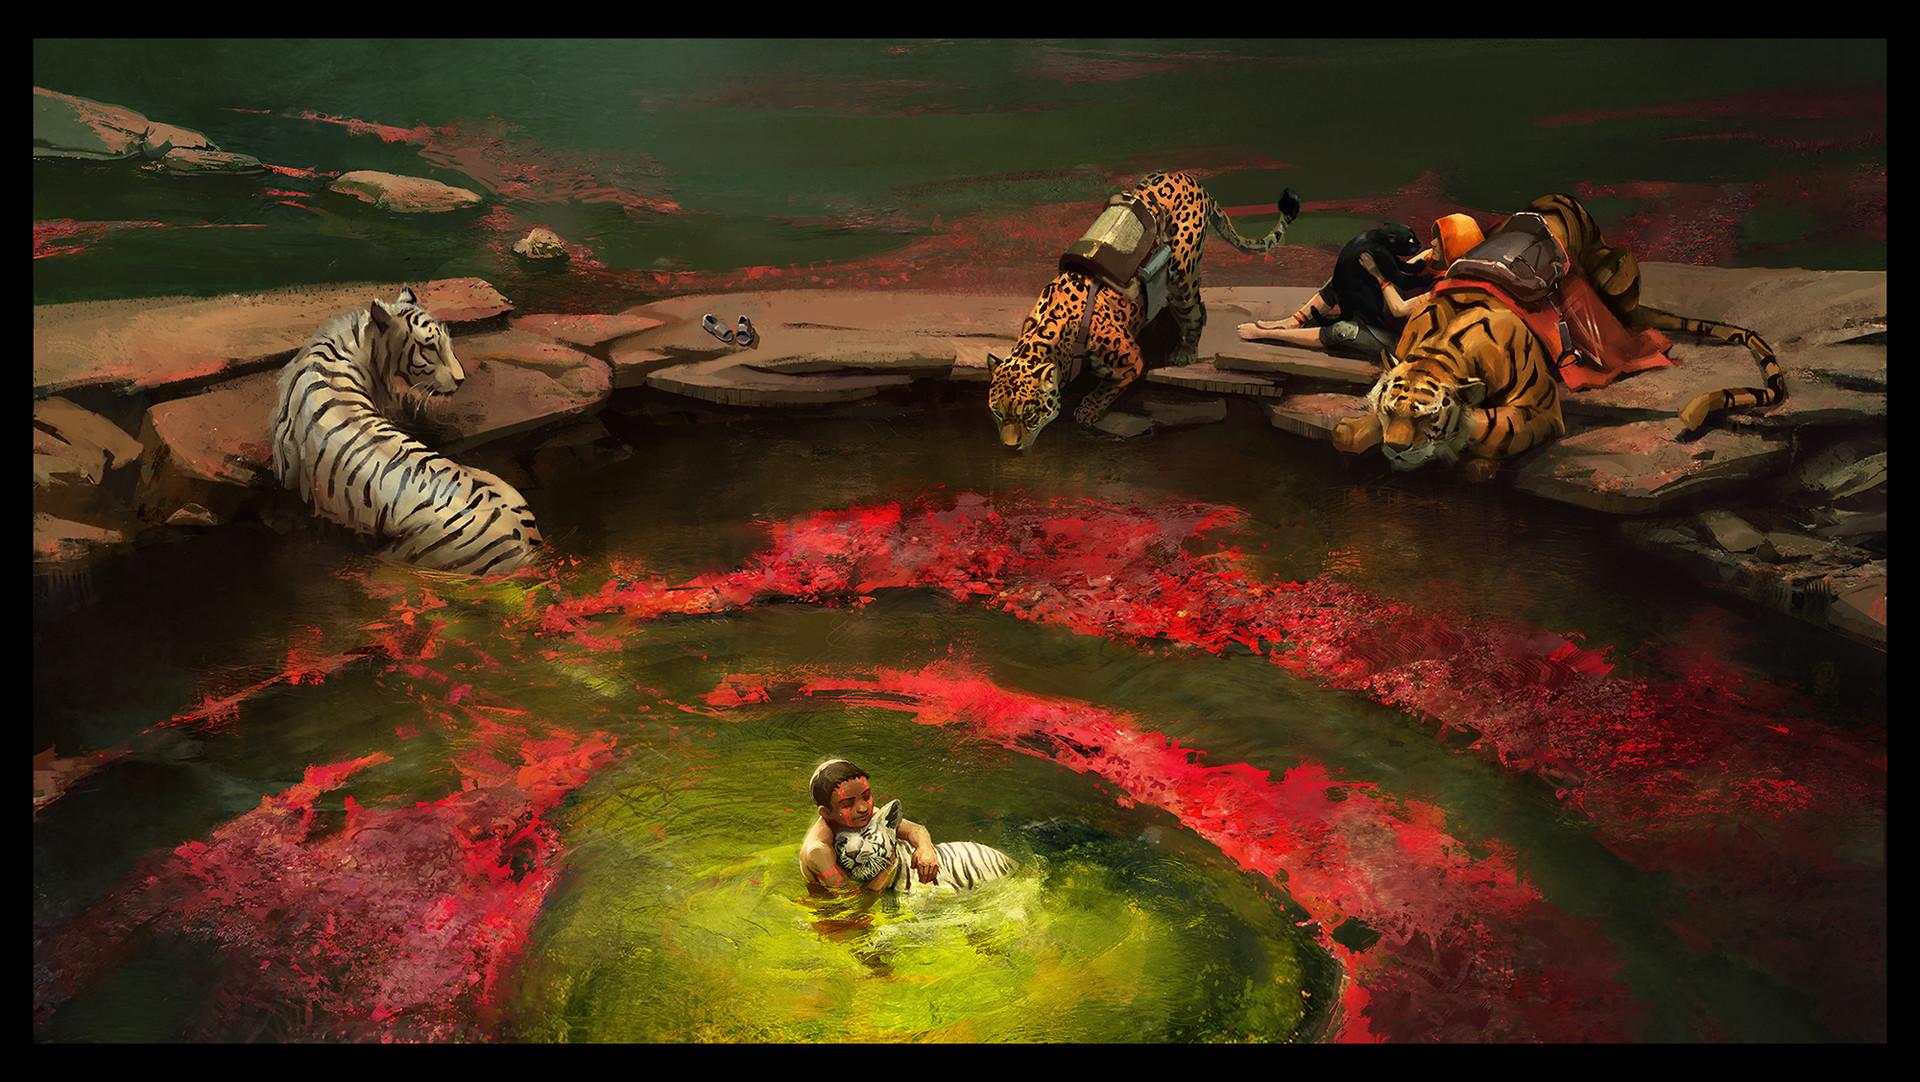 Tiger Bath.jpg